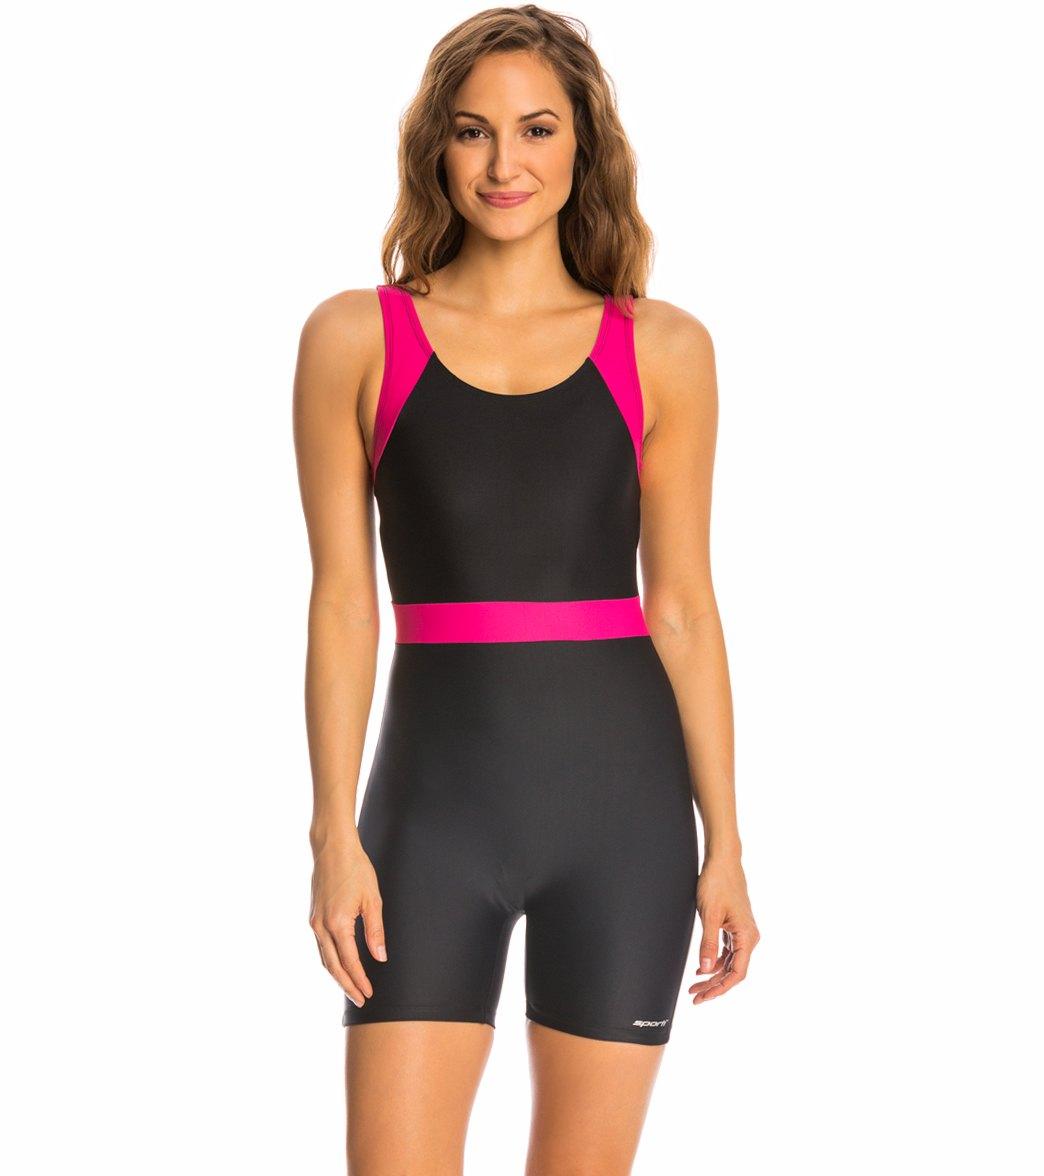 66ea1790c26 in Plus Size · Sporti Unitard Colorblock One Piece Swimsuit